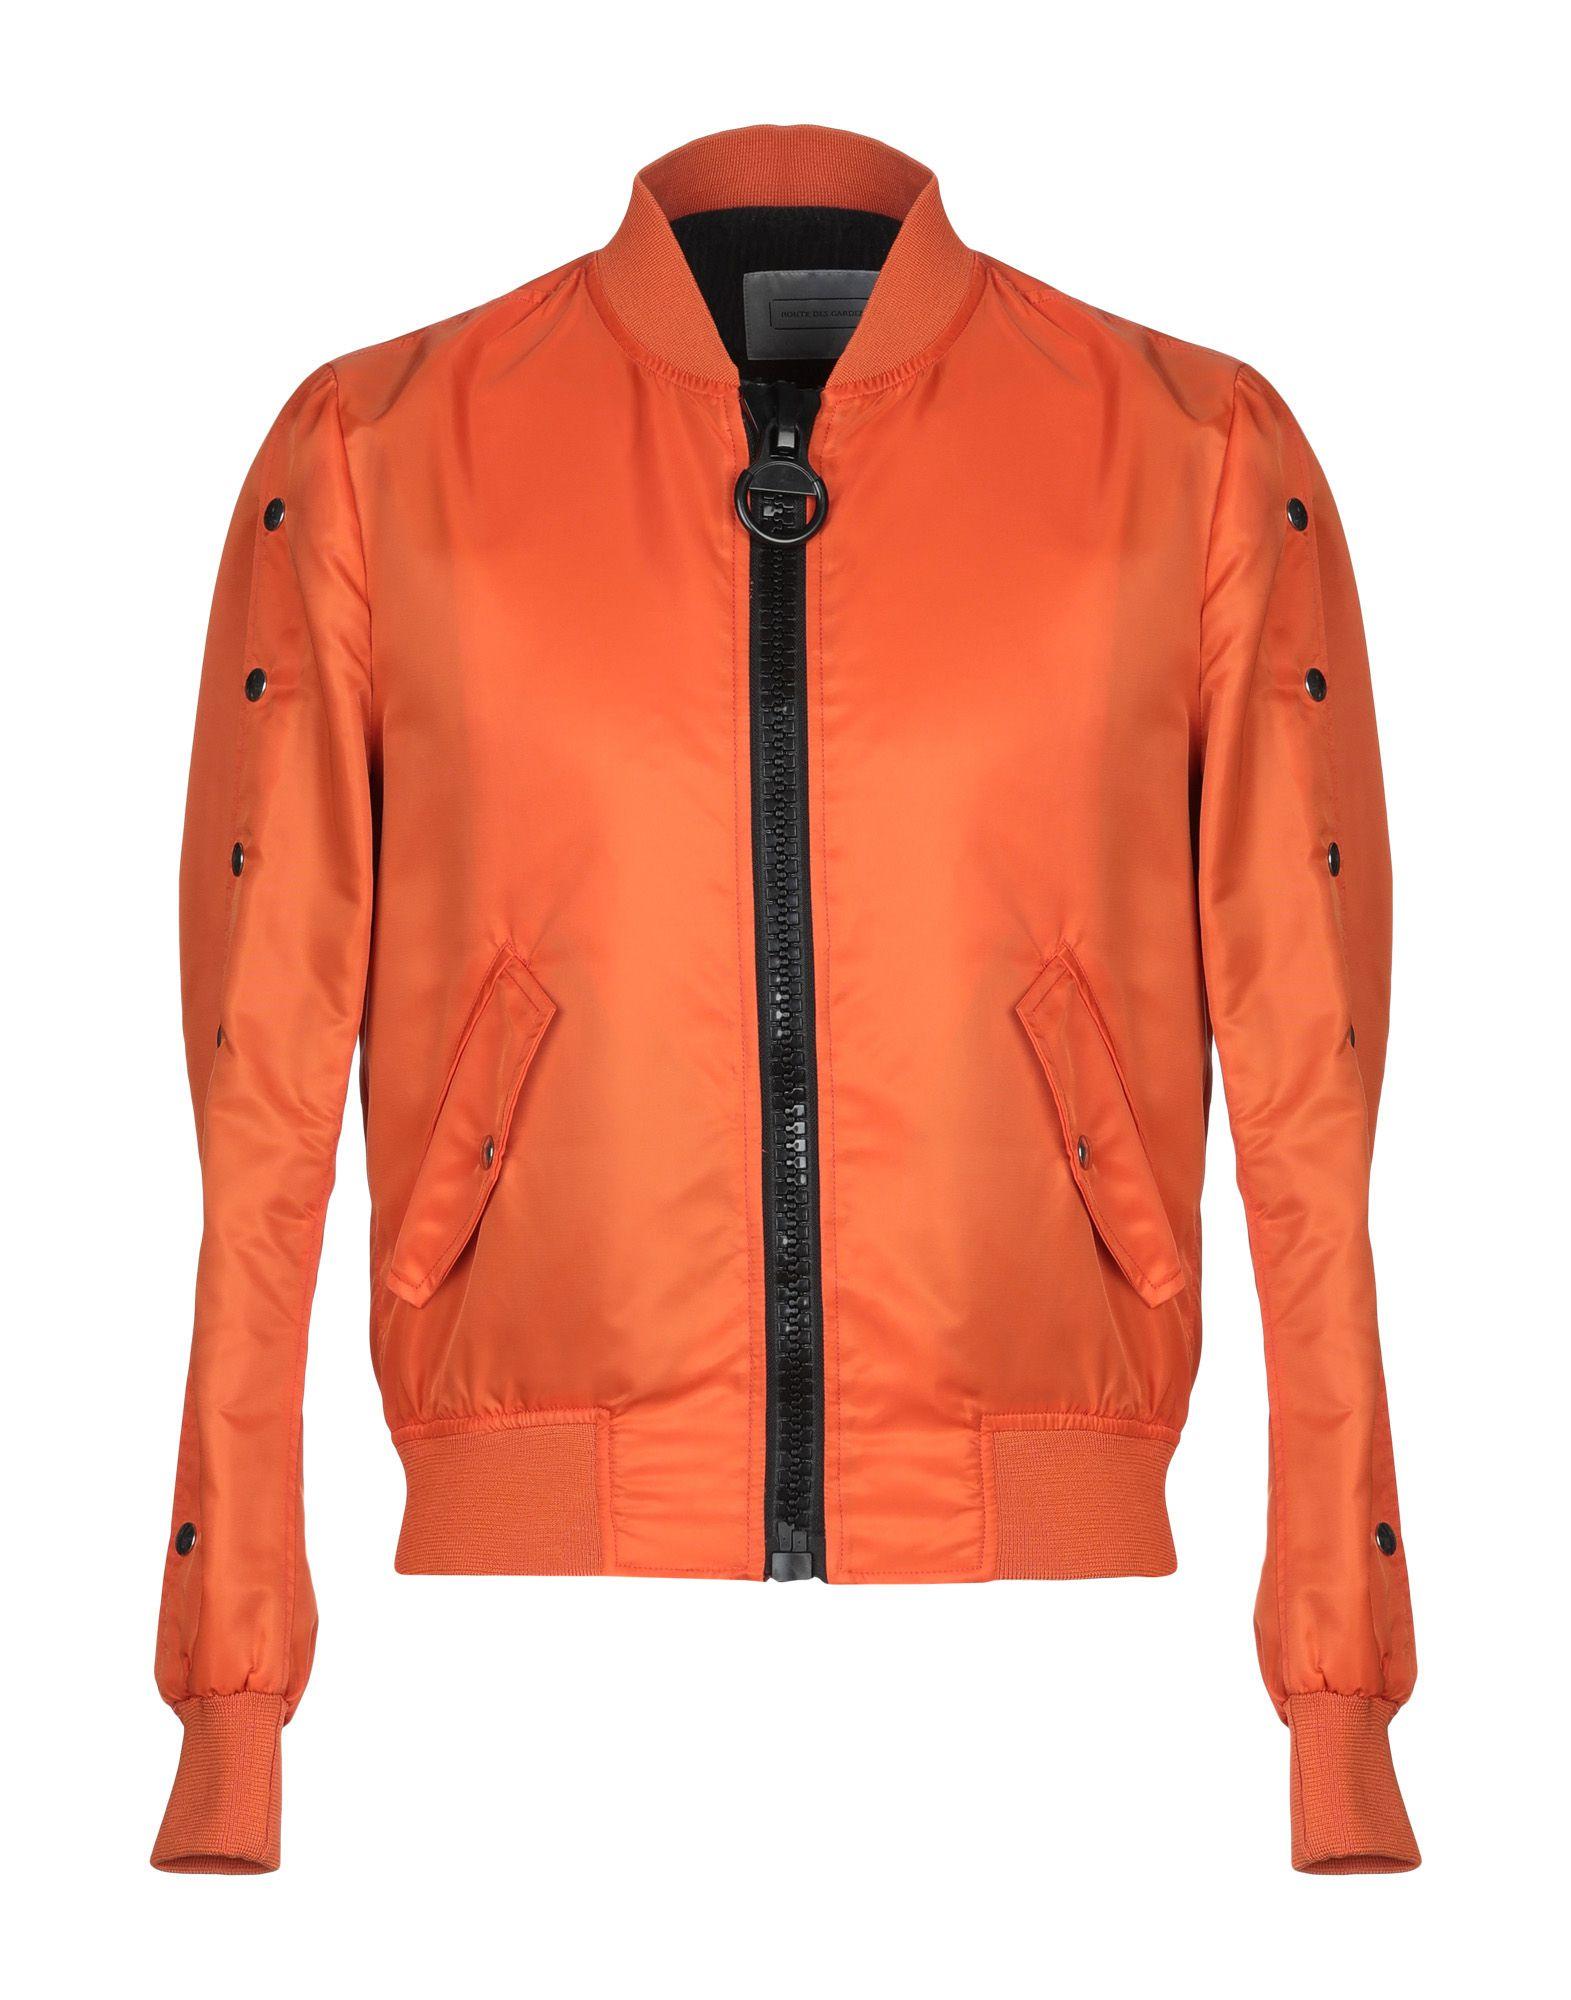 《セール開催中》ROUTE des GARDEN メンズ ブルゾン オレンジ 46 ナイロン 100%